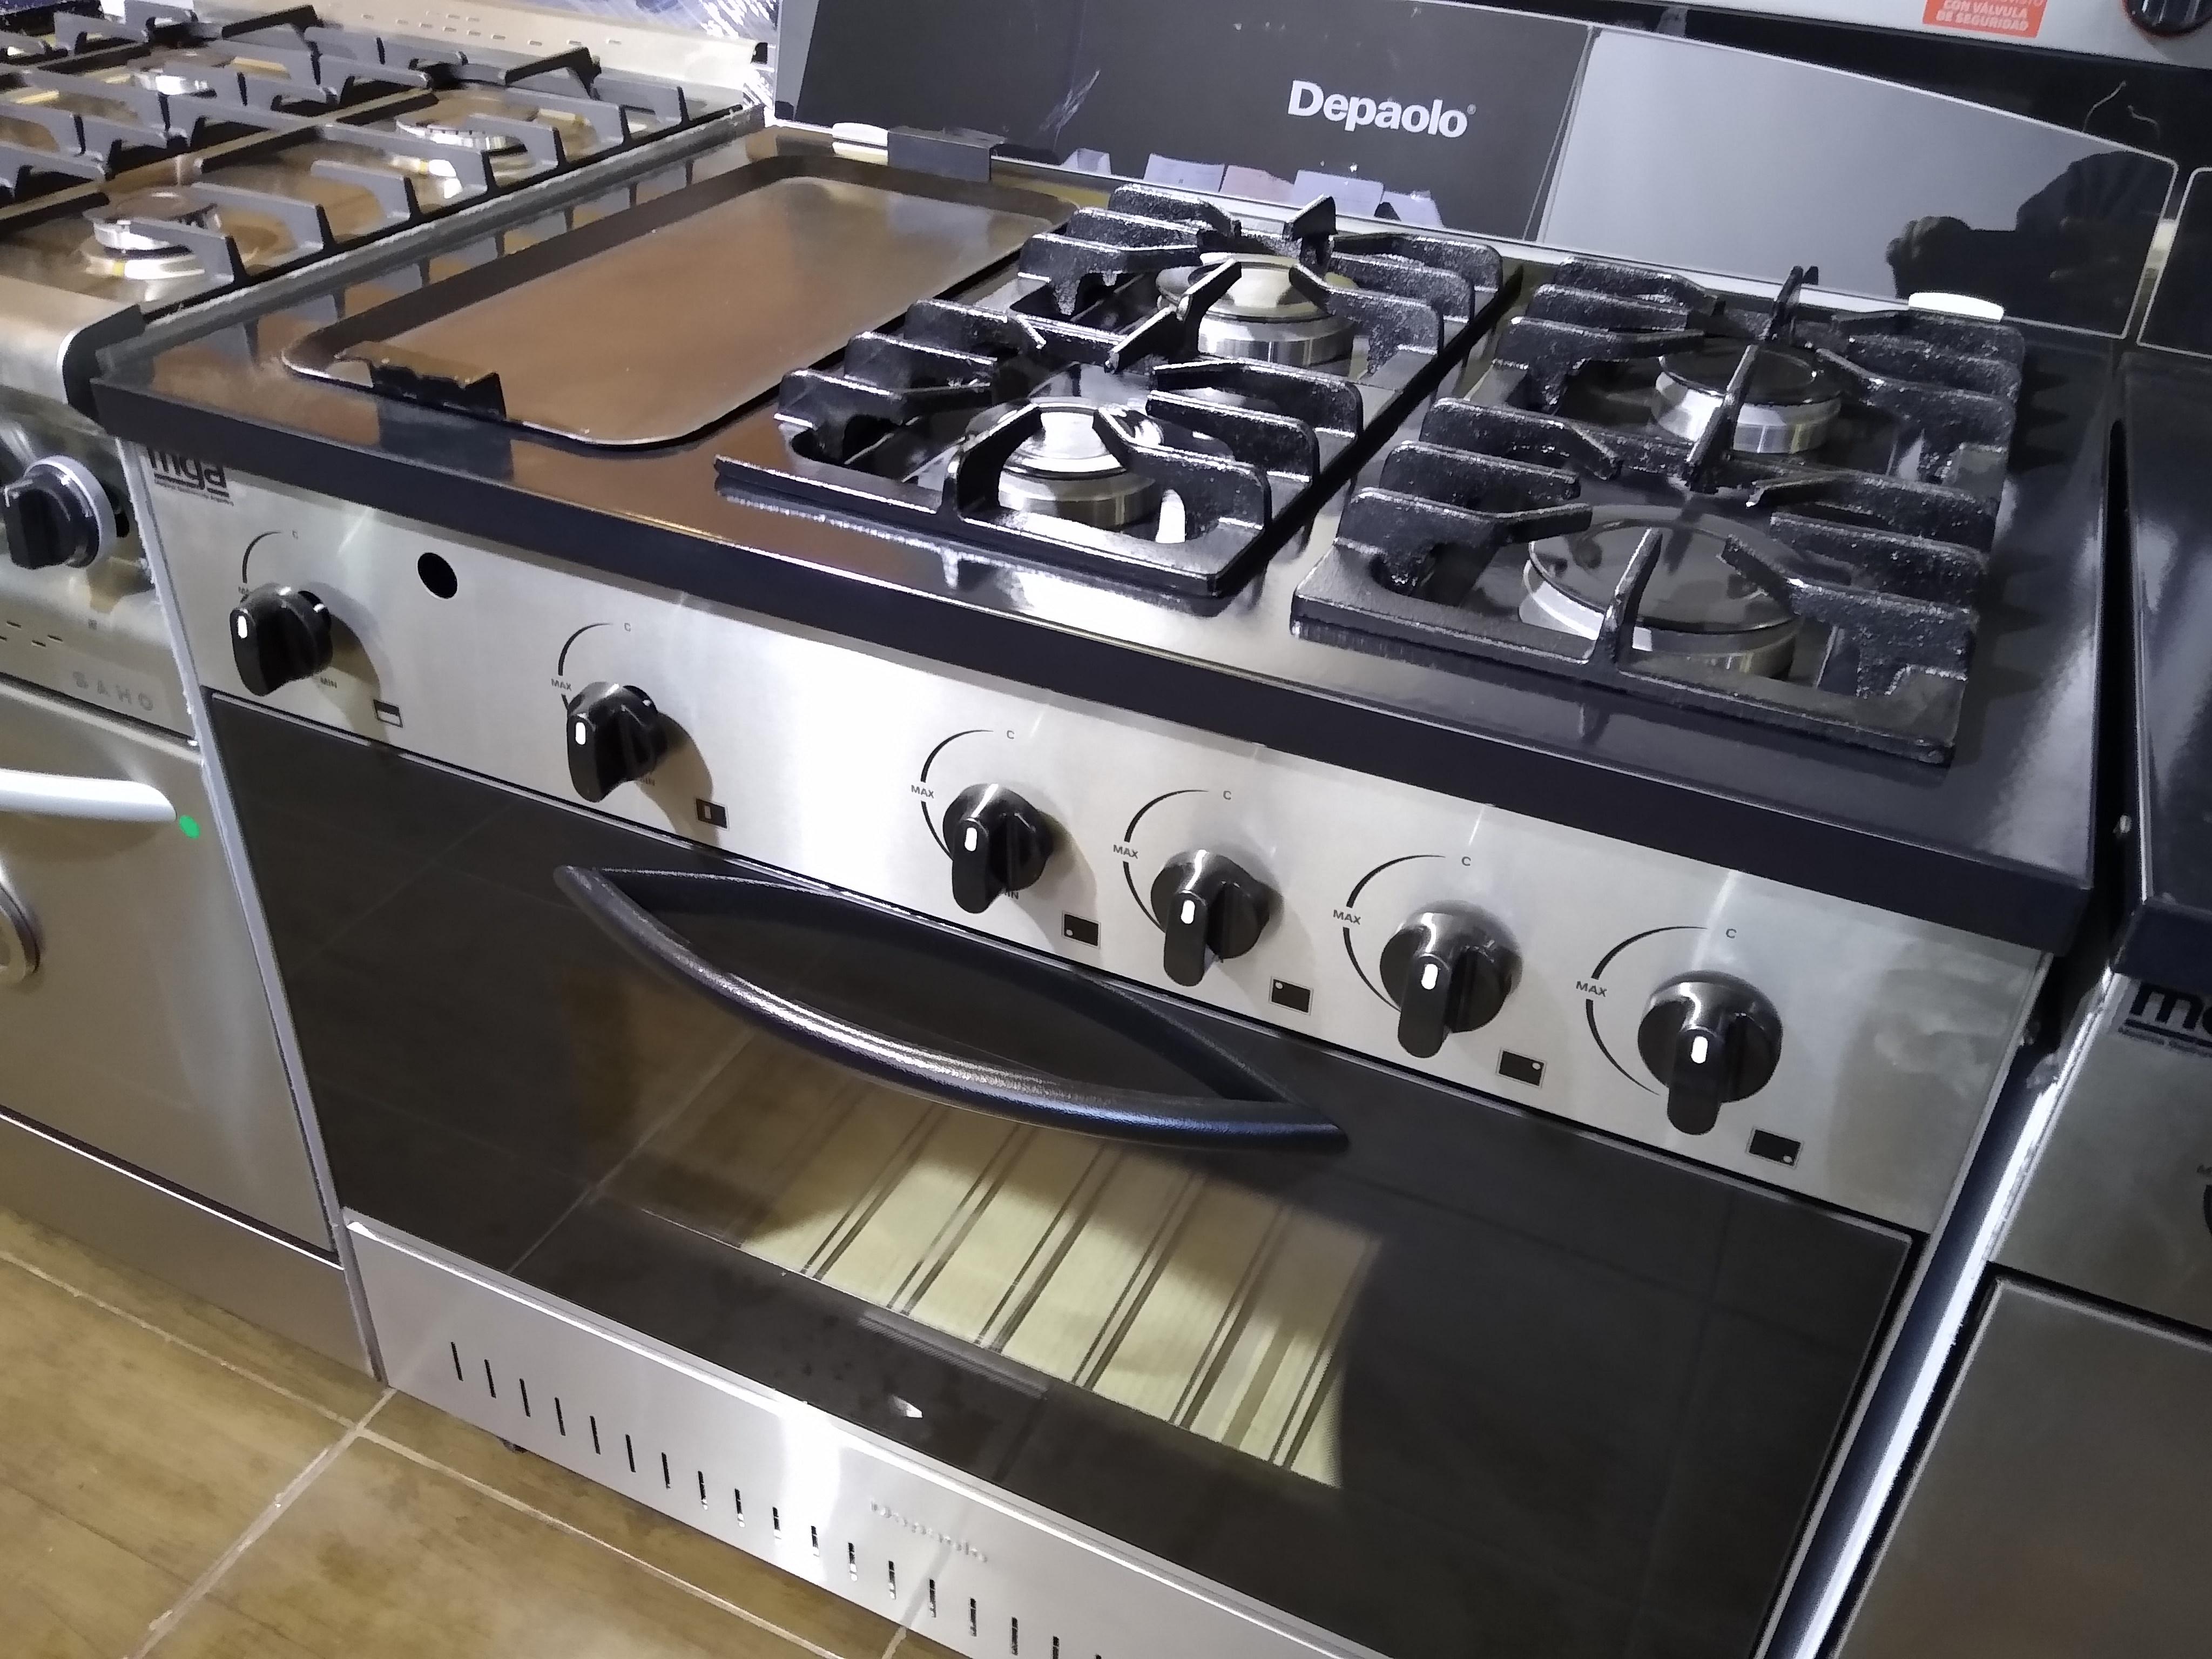 Hornos cocinas anafes campanas estantes y muebles de acero inoxidable FABRICA ITUZAINGO